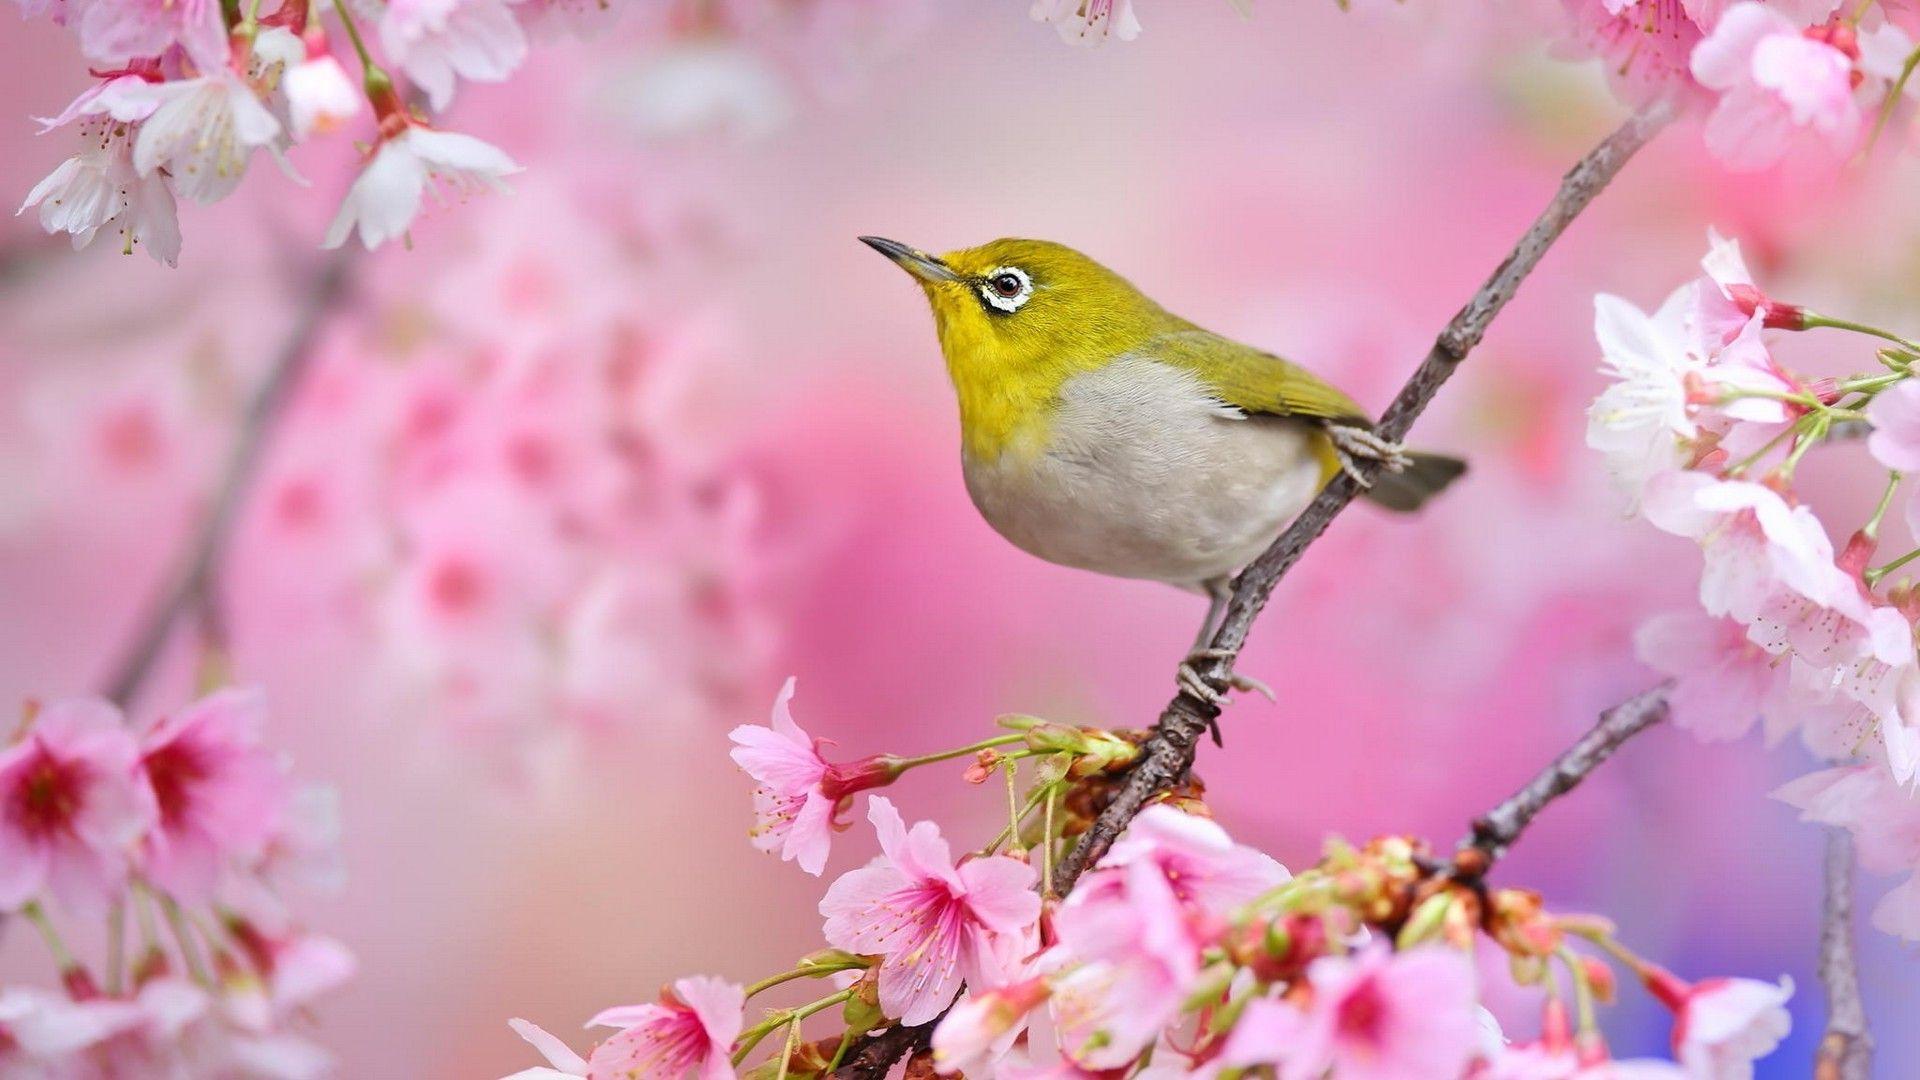 Pink Flower Green Bird Wallpaper Best HD Wallpapers